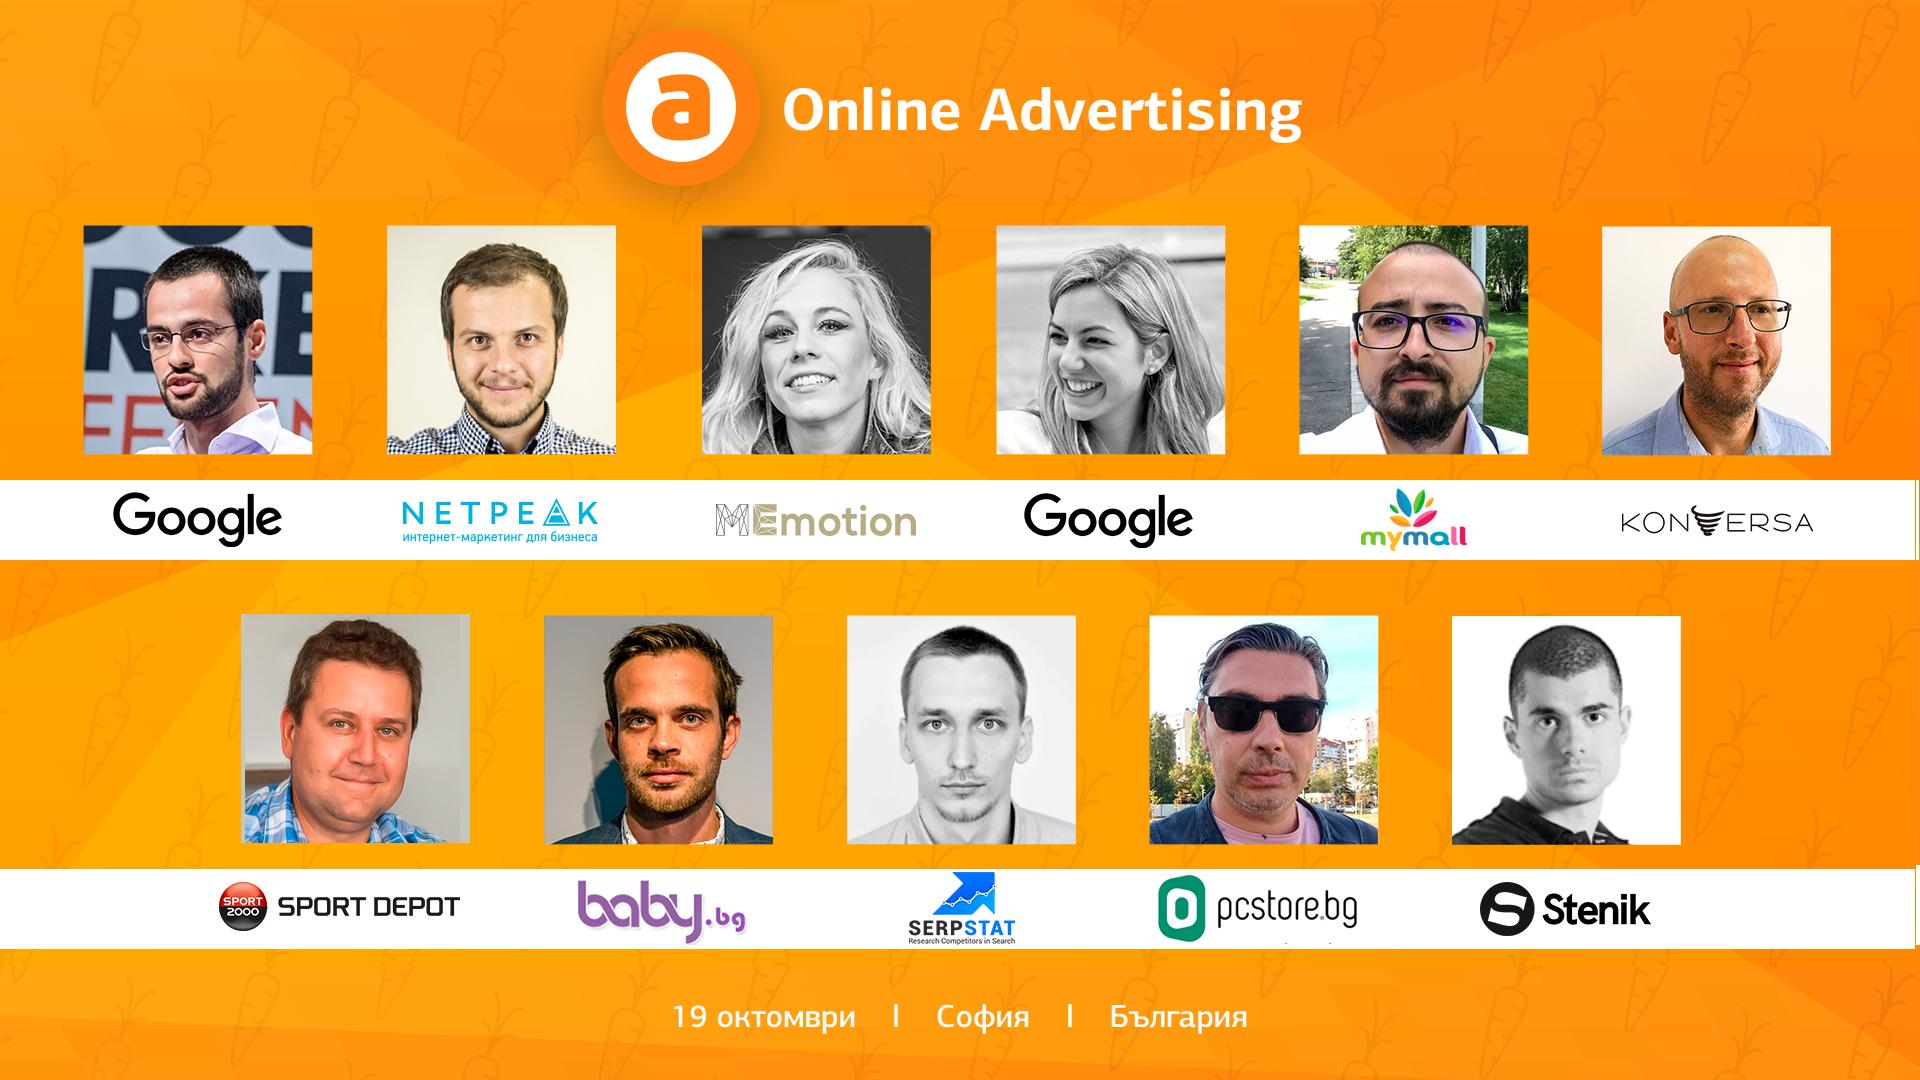 Online Advertising конференция 2018 — само няколко часа остават до най-голямата конференция за дигитален маркетинг в България